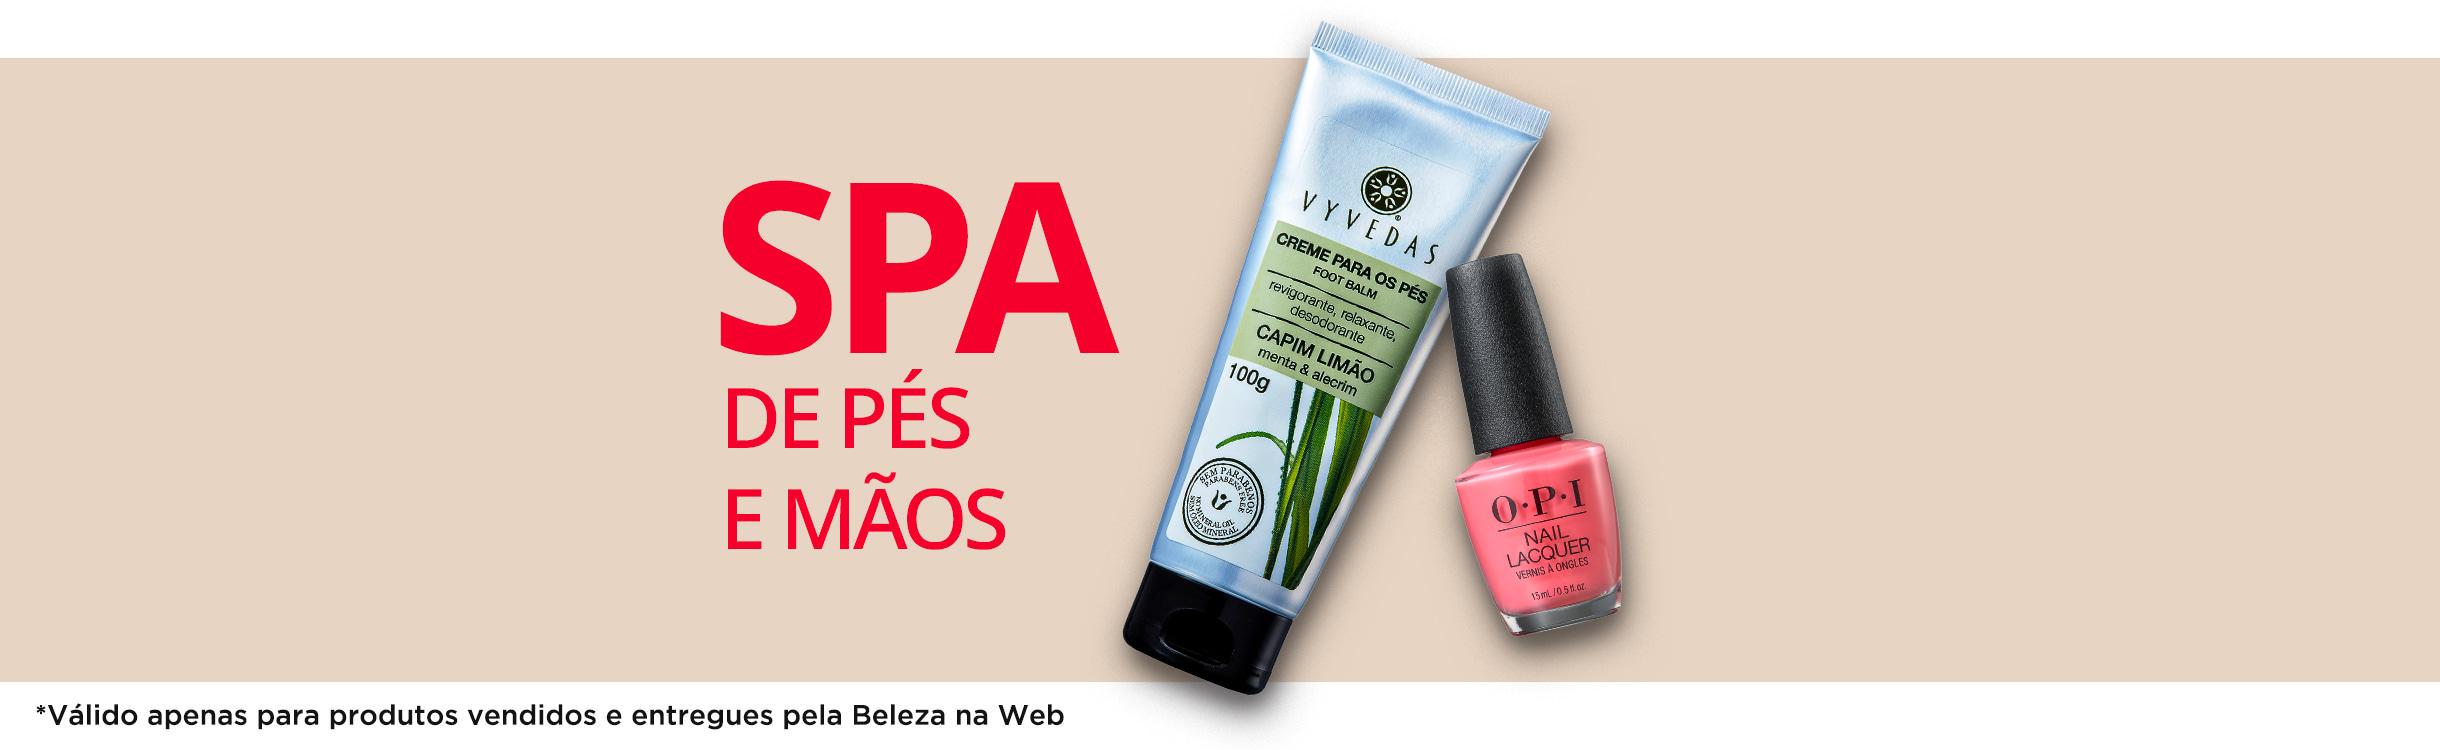 Tata Shop | SPA de Pés e Mãos